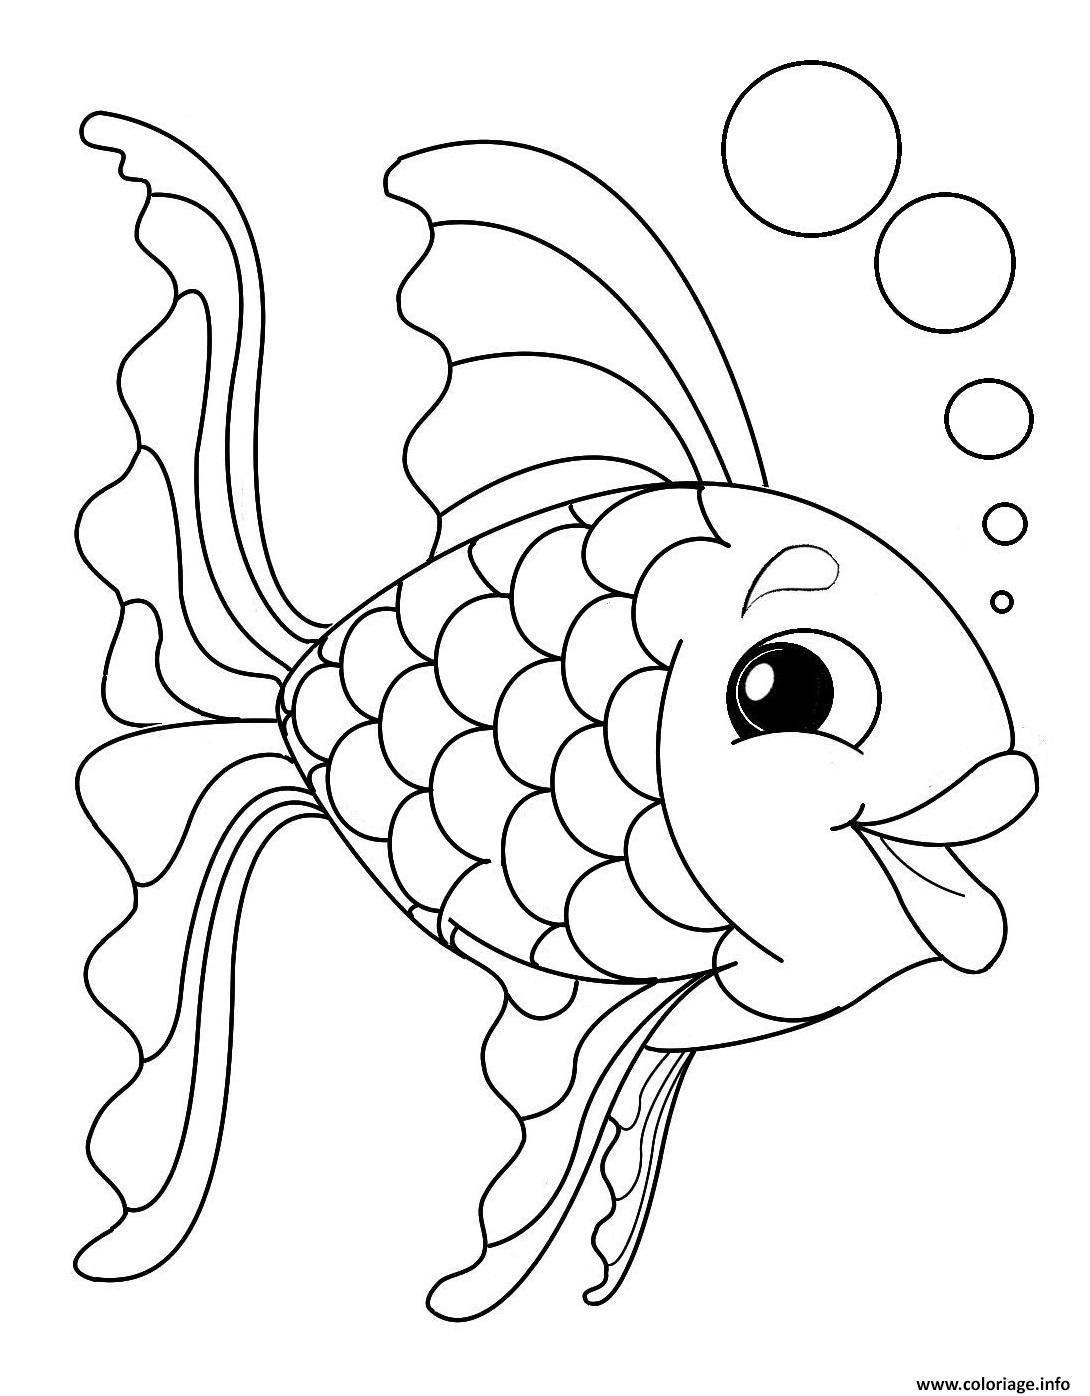 Coloriage poisson arc en ciel - Dessin enfant poisson ...